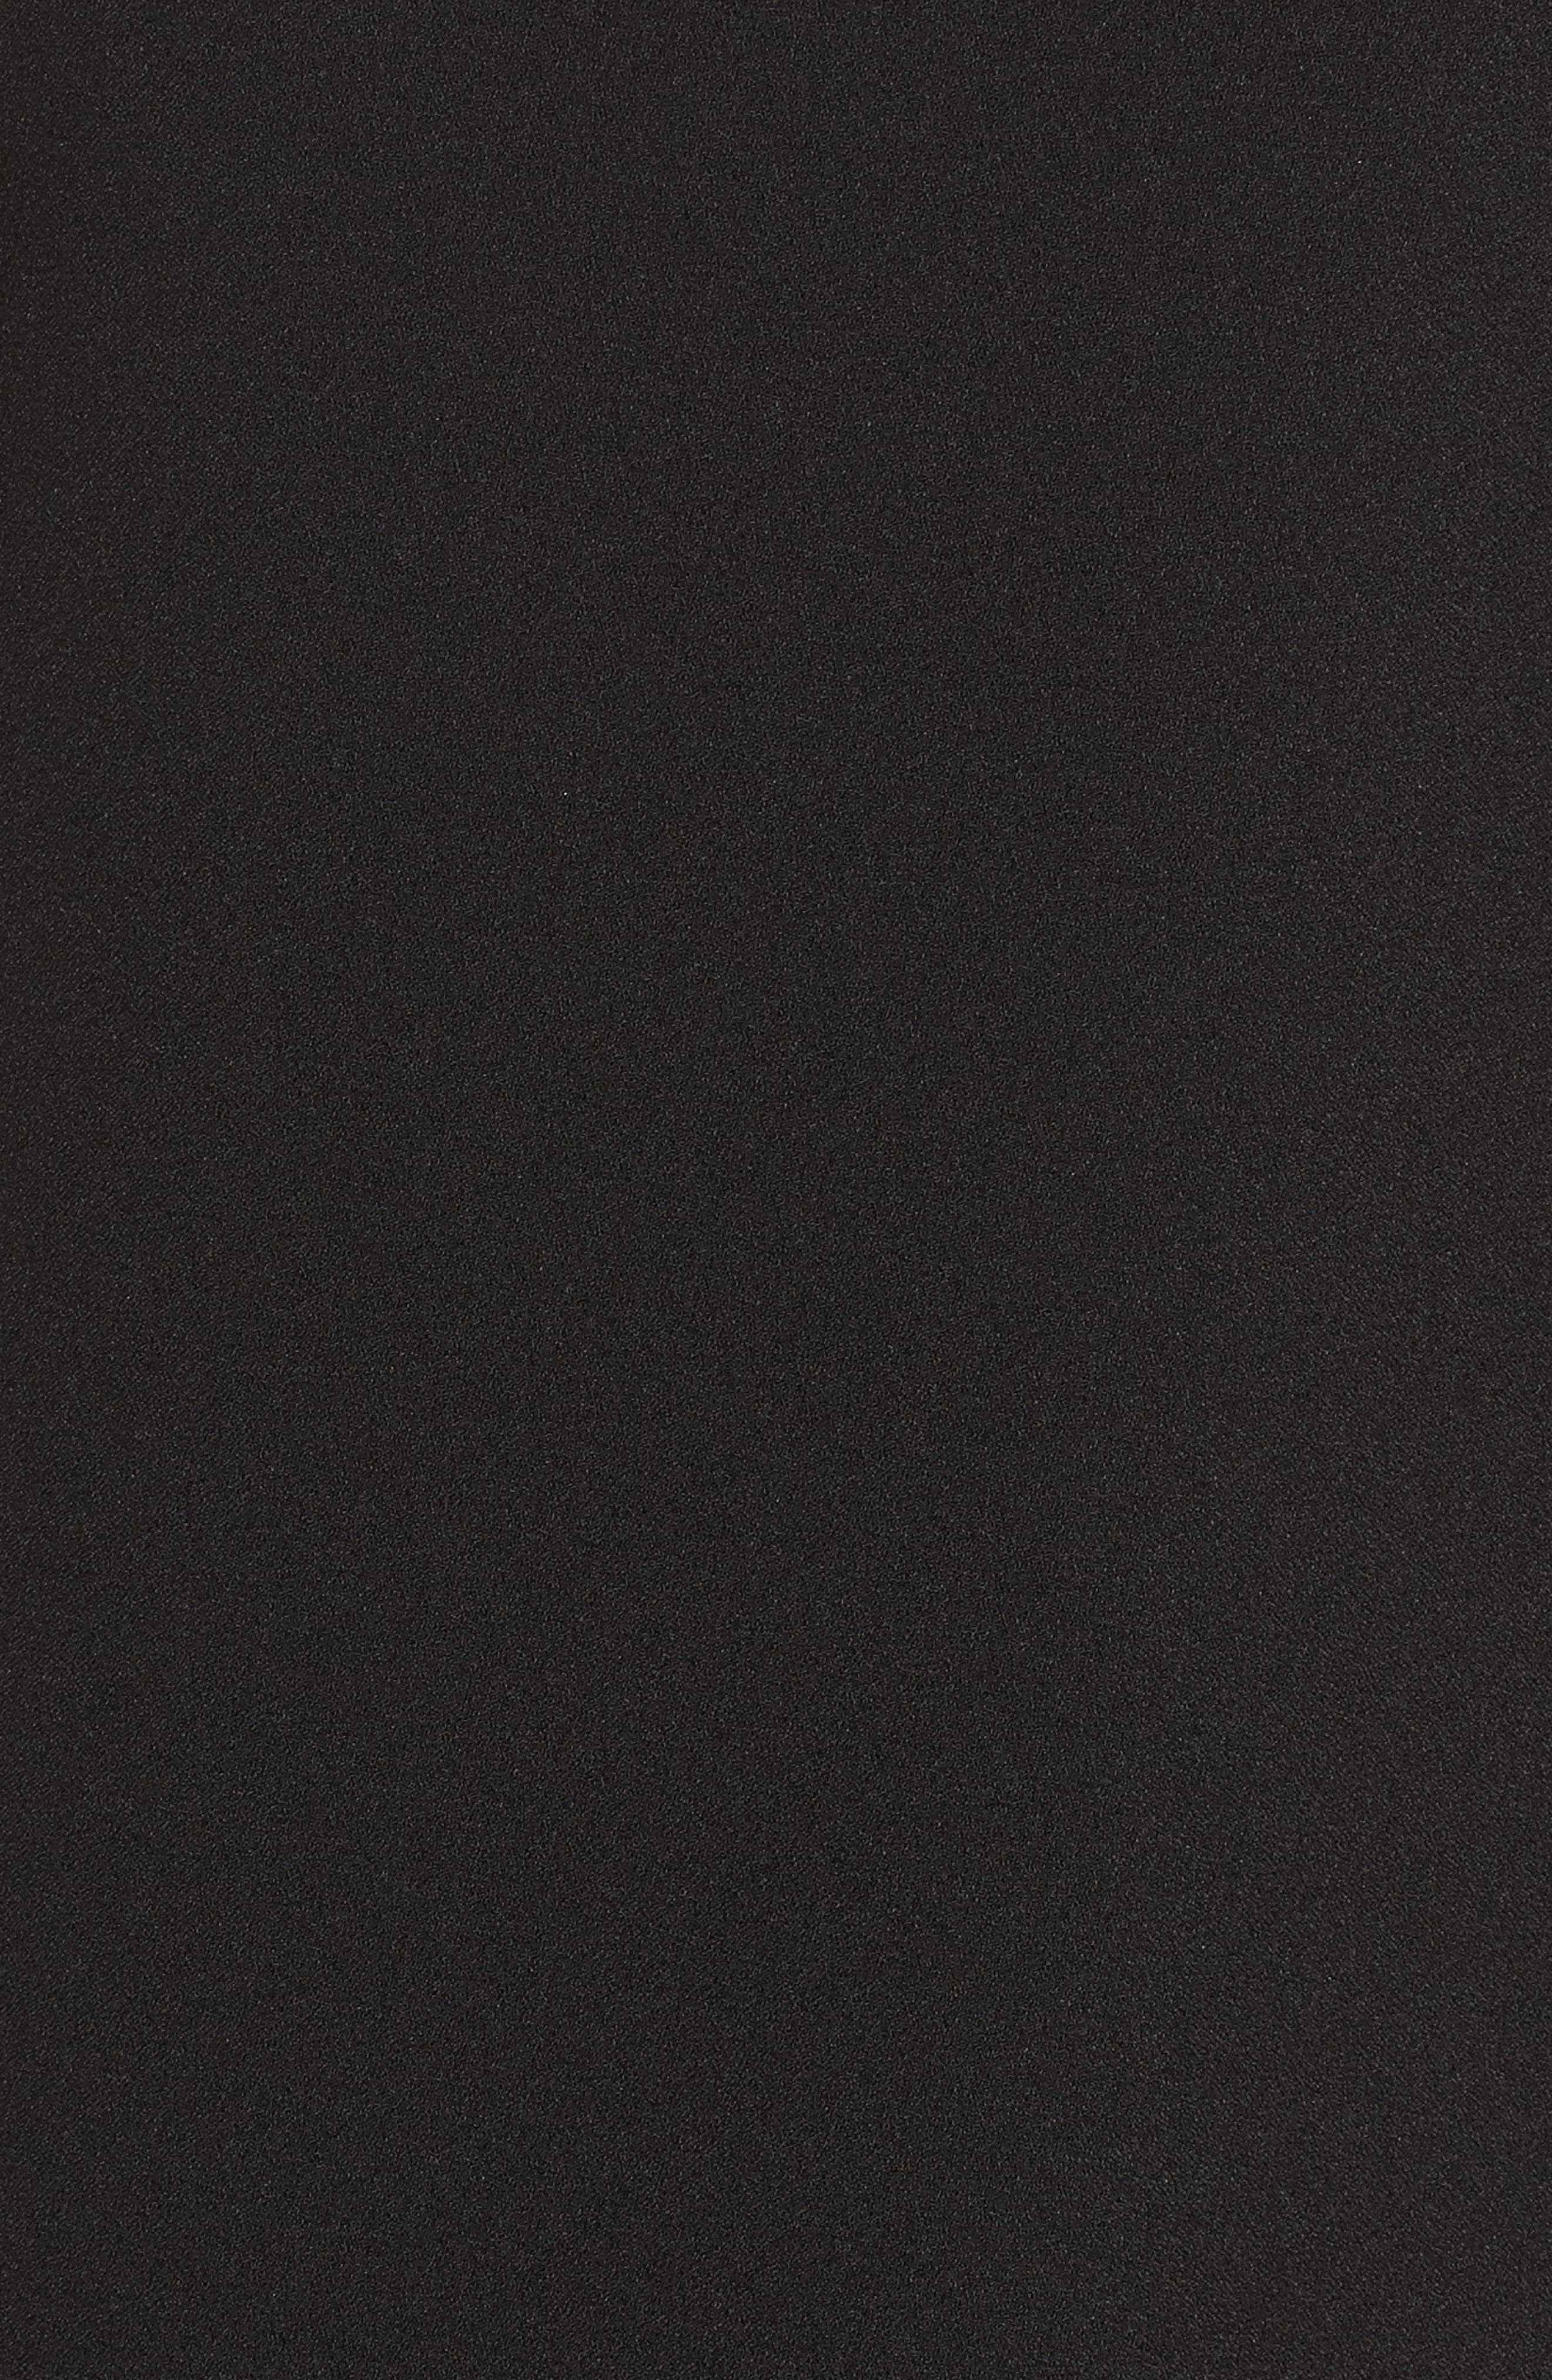 Cold Shoulder Crepe Shift Dress,                             Alternate thumbnail 5, color,                             Black